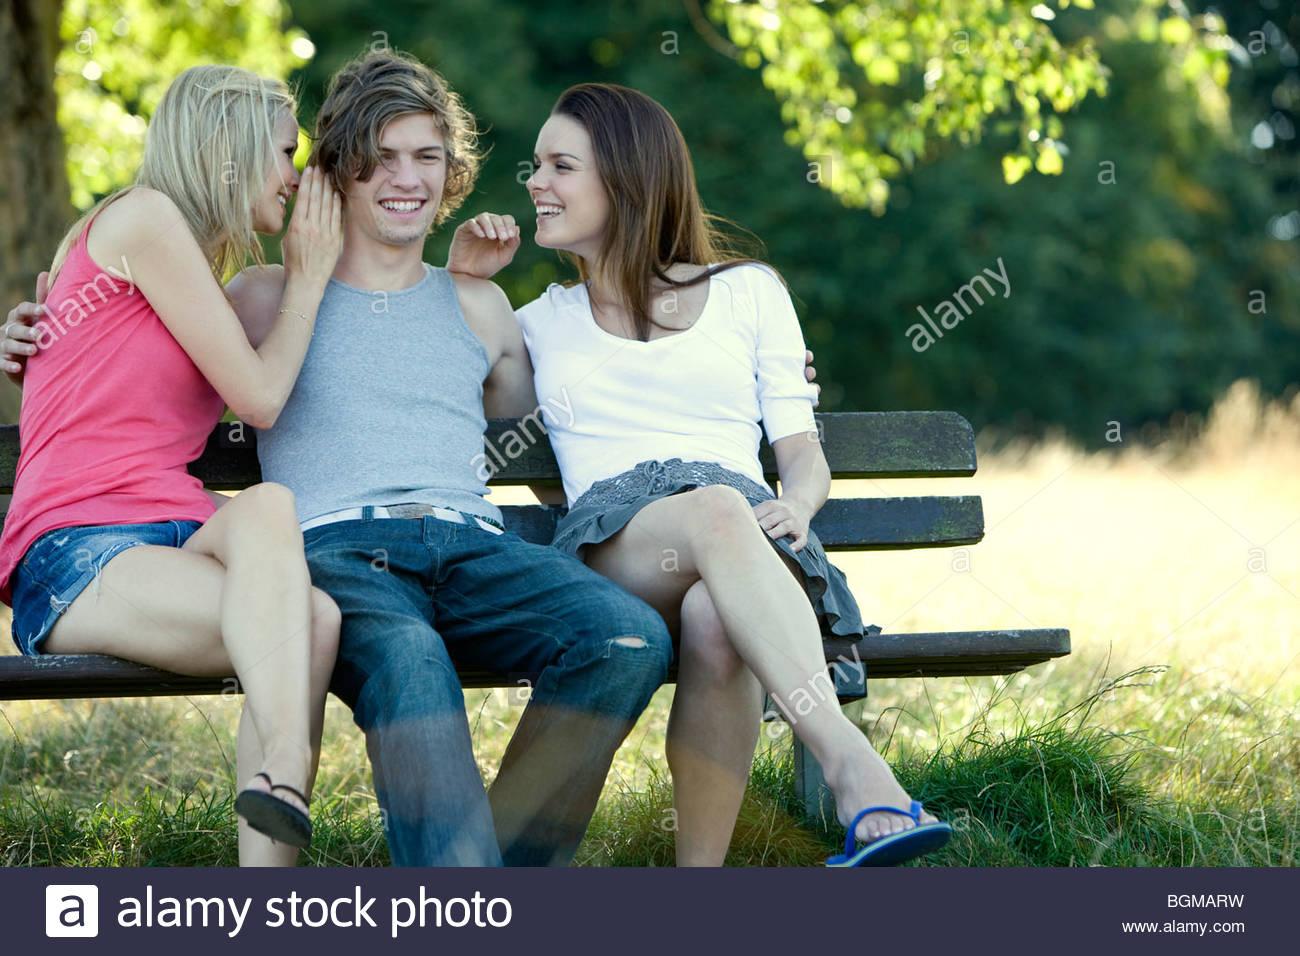 Un giovane uomo su un banco di lavoro, due giovani donne whispering a lui Immagini Stock